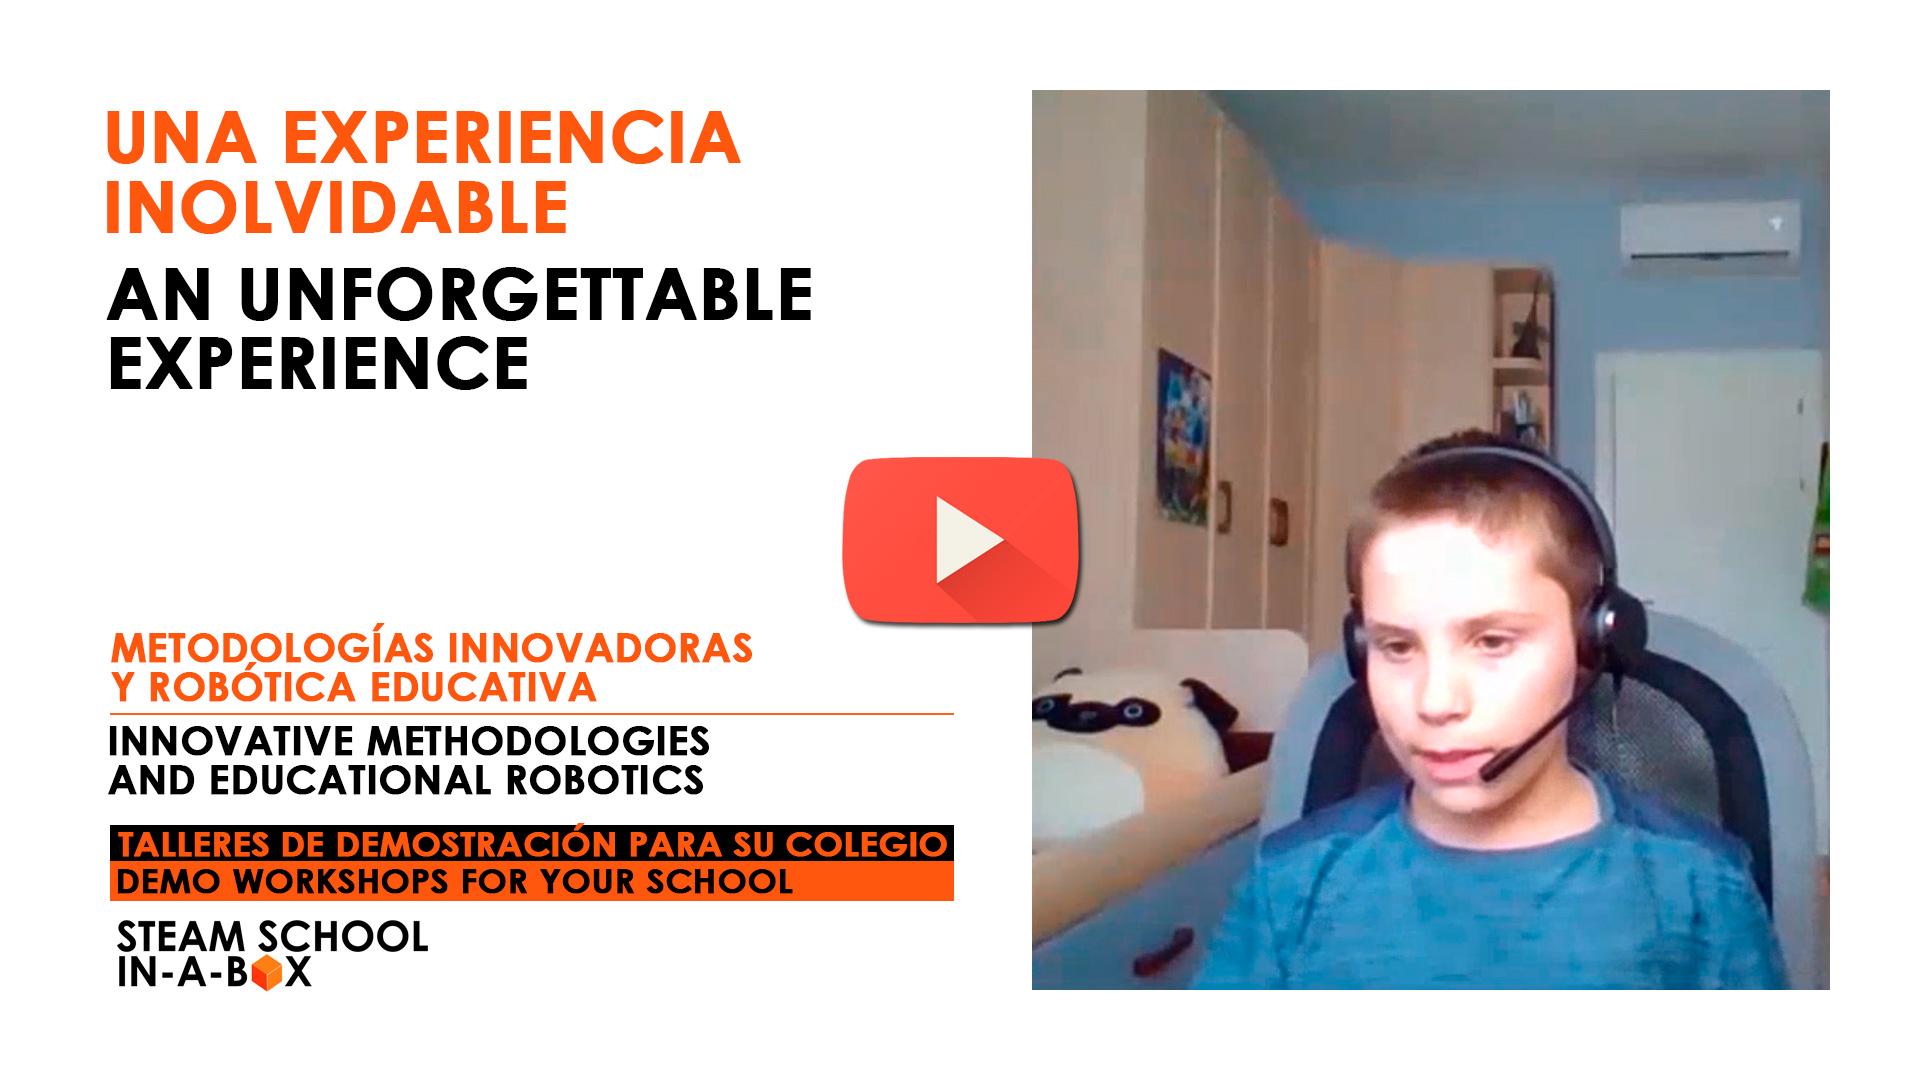 Tecnologías Innovadoras y robótica educativa - Talleres para colegios